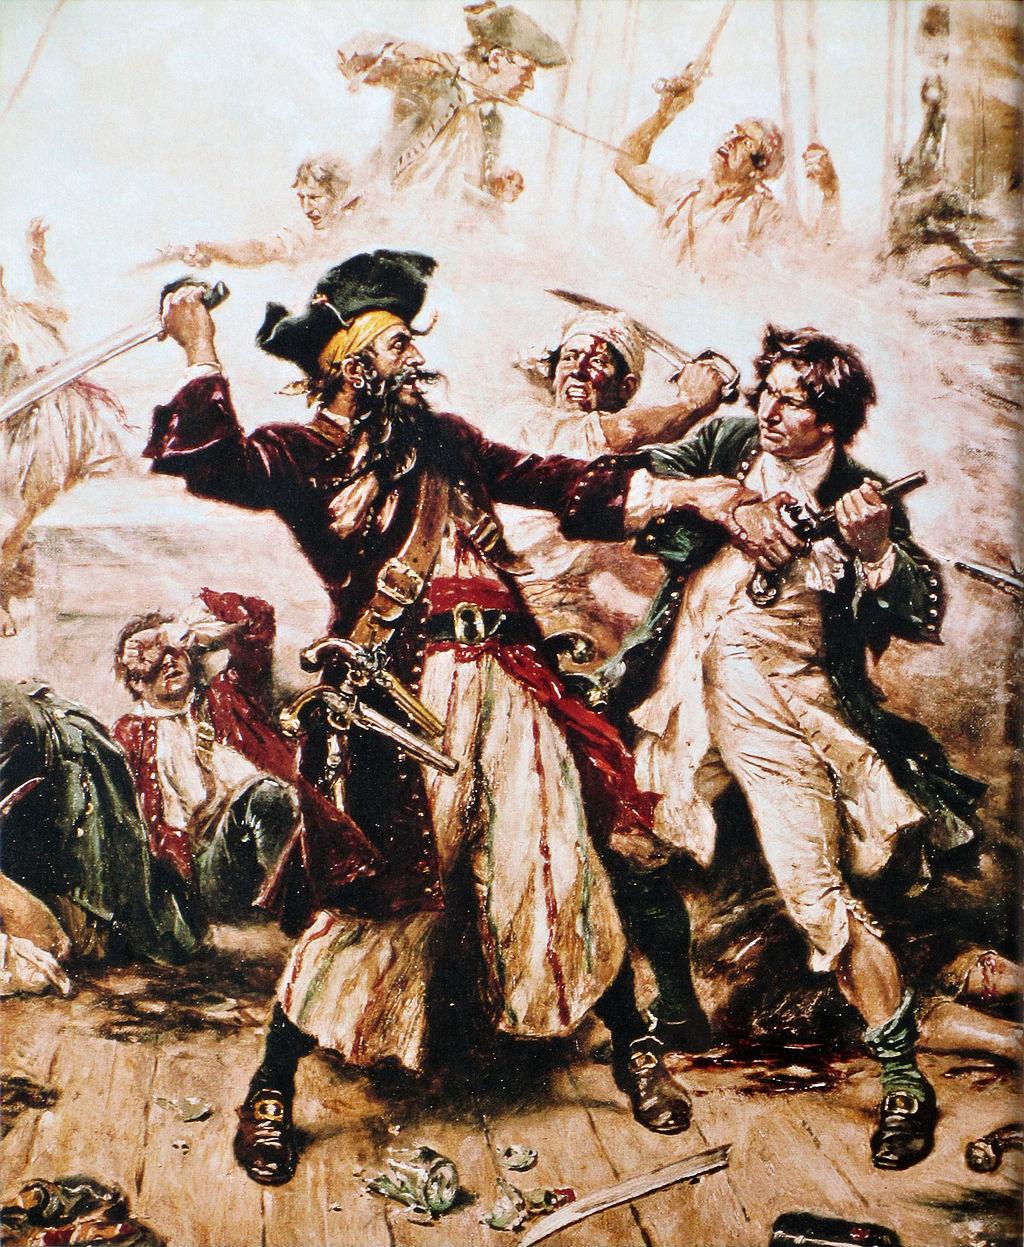 p2 Жестокие и отважные: легенды золотого века пиратства